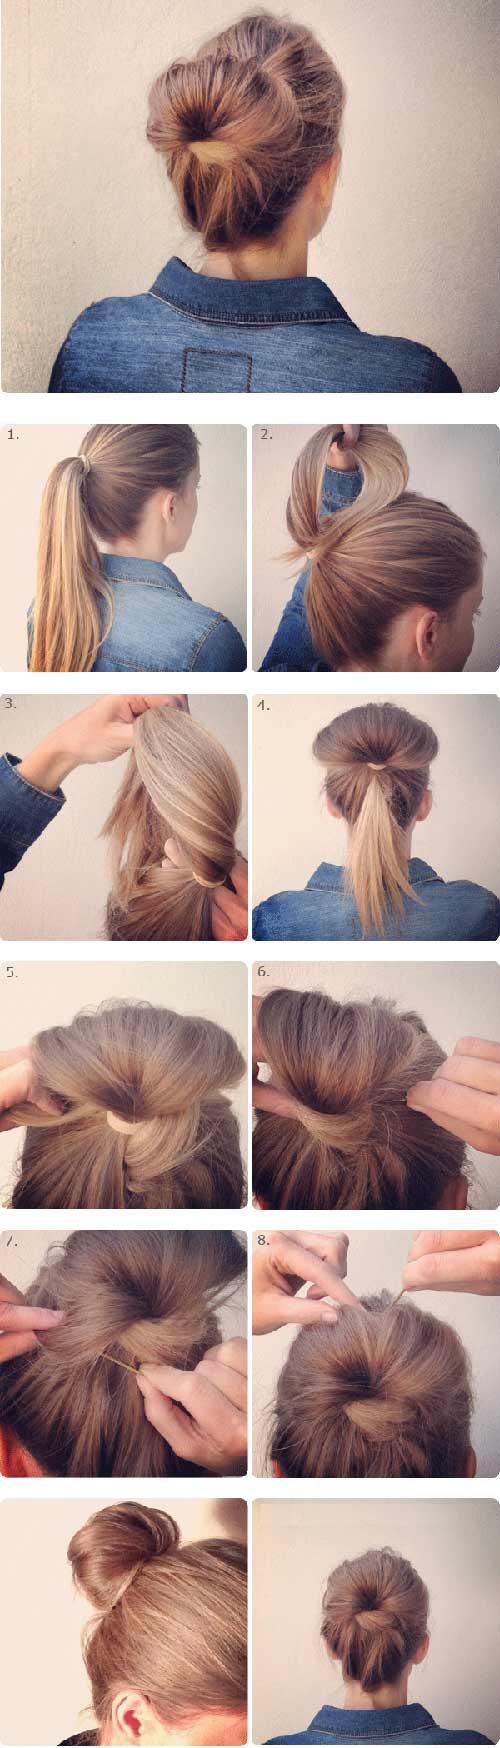 5 kiểu tóc 'cứu' bạn gái ngày đầu bẩn - 5